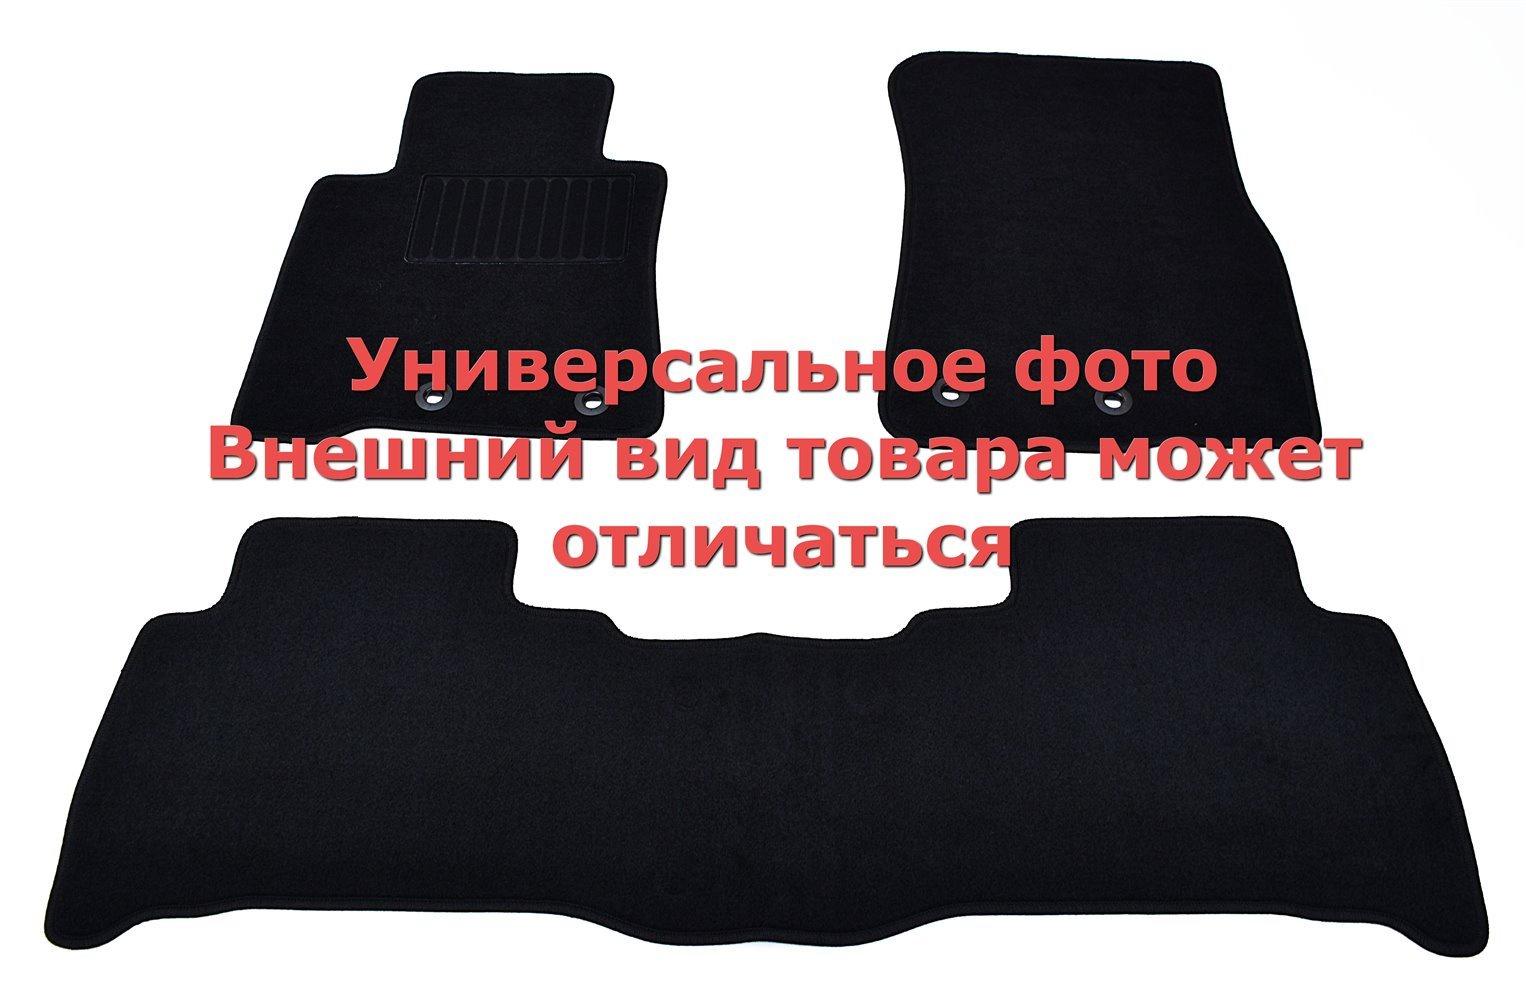 Коврики салона Avd Tuning для Skoda Oktavia А7 (2013-) adrplr013, резиновые, с бортиком коврики салона rival для toyota rav4 2013 2015 2015 н в резина 65706001